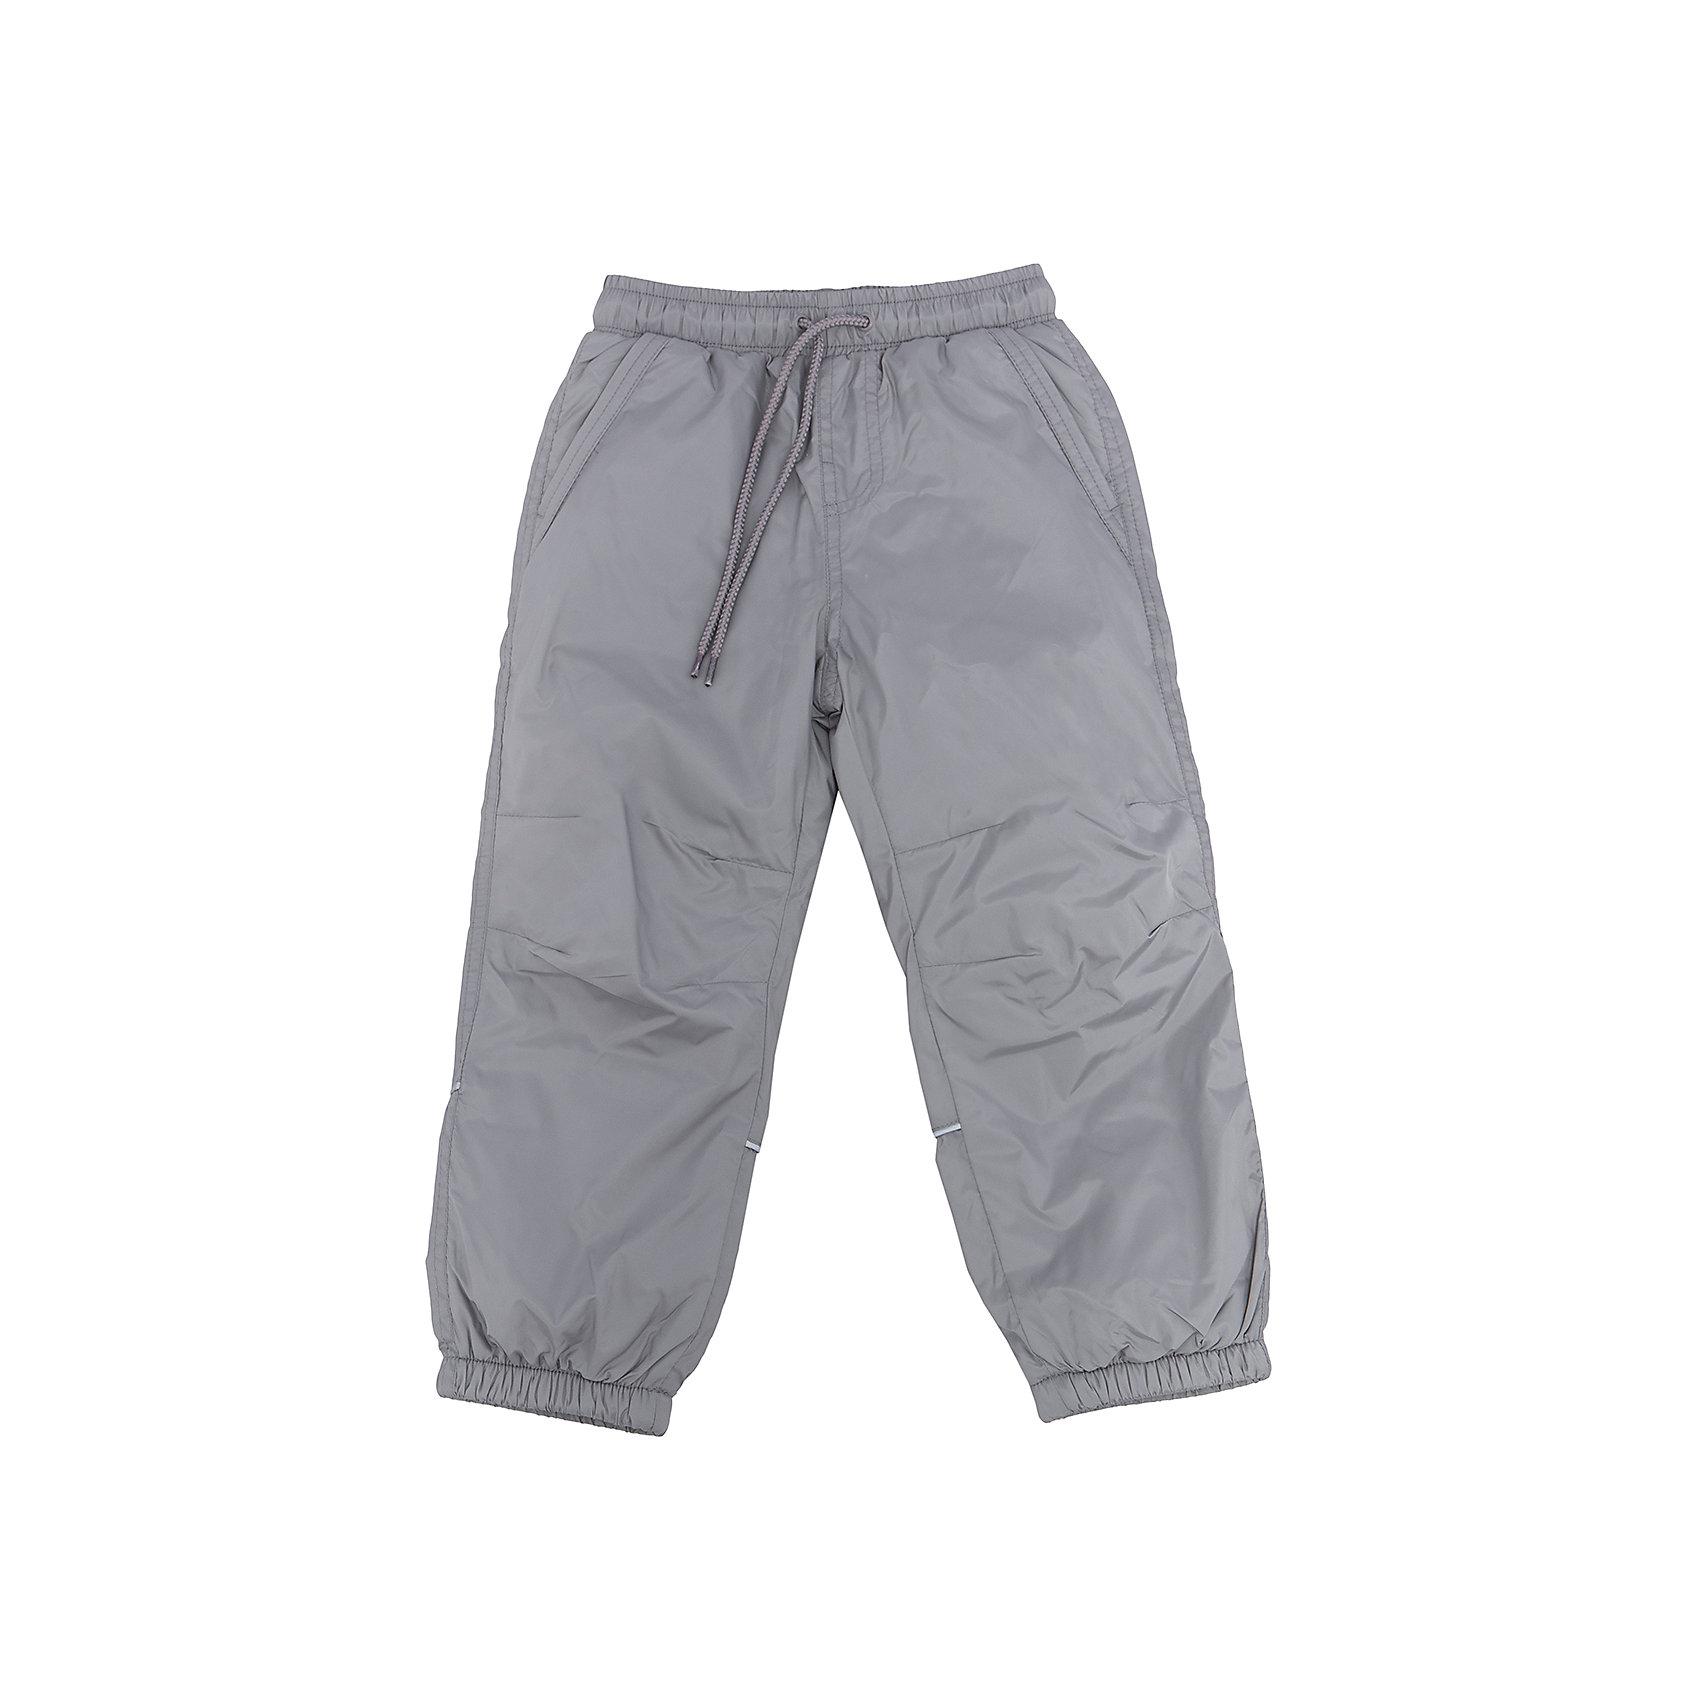 Брюки утепленные для мальчика SELAСпортивная одежда<br>Характеристики товара:<br><br>• цвет: серый<br>• состав: верх: 100% полиэстер, подкладка: 100% полиэстер<br>• температурный режим: от +5° до +15°С<br>• подкладка флис<br>• спортивный стиль<br>• имитация ширинки<br>• светоотражающие детали<br>• два втачных кармана<br>• сзади два накладных кармана на кнопке<br>• пояс: мягкая резинка со шнурком<br>• коллекция весна-лето 2017<br>• страна бренда: Российская Федерация<br><br>Вещи из новой коллекции SELA продолжают радовать удобством! Спортивные брюки помогут разнообразить гардероб и обеспечить комфорт. Они отлично сочетаются с майками, футболками, куртками. В составе материала - натуральный хлопок.<br><br>Одежда, обувь и аксессуары от российского бренда SELA не зря пользуются большой популярностью у детей и взрослых! Модели этой марки - стильные и удобные, цена при этом неизменно остается доступной. Для их производства используются только безопасные, качественные материалы и фурнитура. Новая коллекция поддерживает хорошие традиции бренда! <br><br>Брюки для мальчика от популярного бренда SELA (СЕЛА) можно купить в нашем интернет-магазине.<br><br>Ширина мм: 215<br>Глубина мм: 88<br>Высота мм: 191<br>Вес г: 336<br>Цвет: серый<br>Возраст от месяцев: 60<br>Возраст до месяцев: 72<br>Пол: Мужской<br>Возраст: Детский<br>Размер: 116,104,92,98,110<br>SKU: 5302662